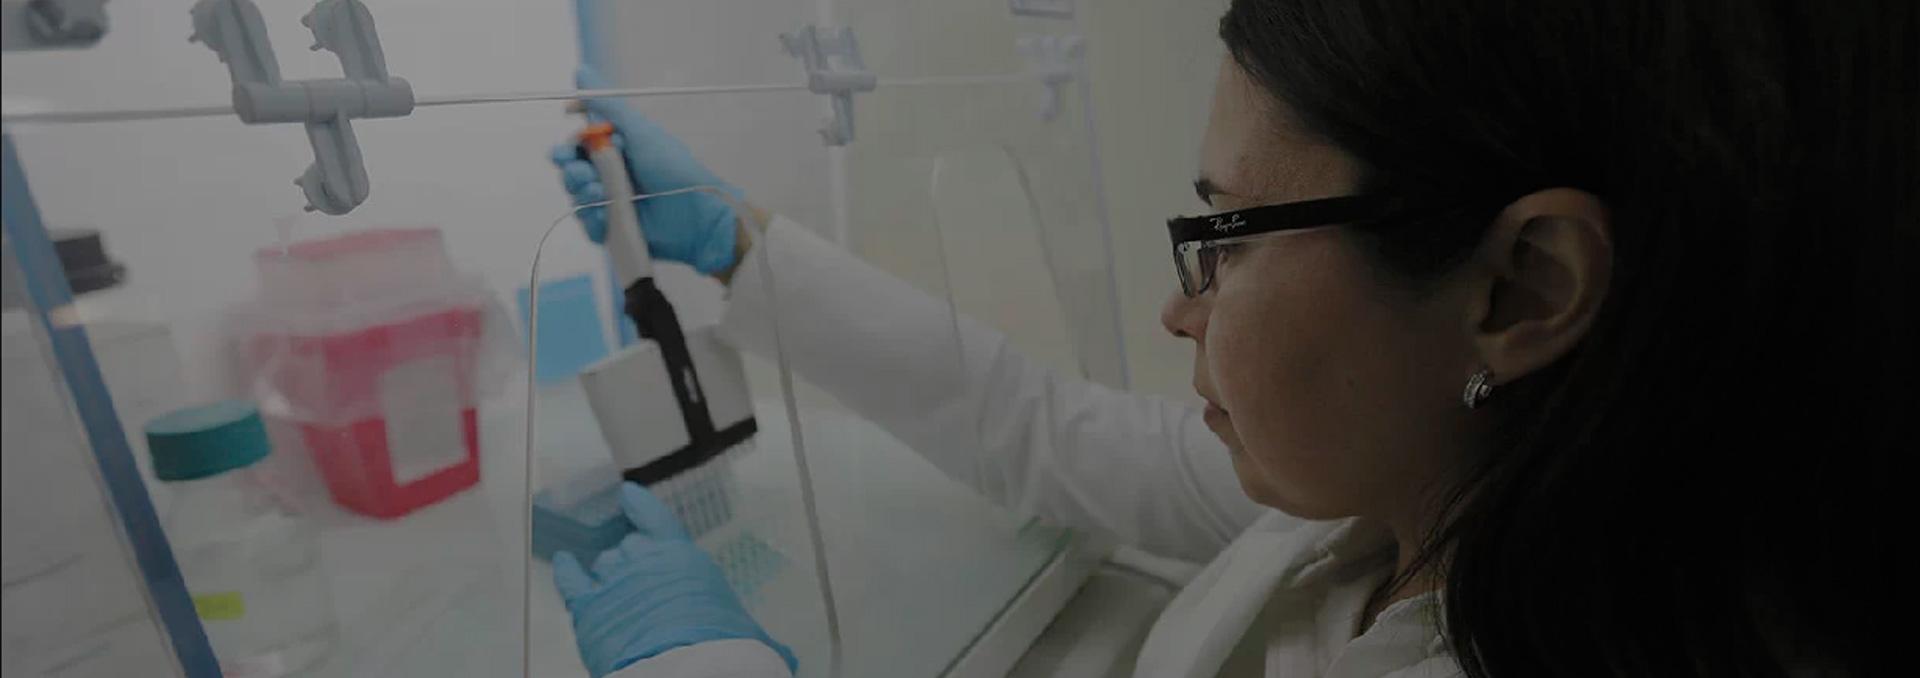 Test para detectar cinco virus respiratorios en dos horas